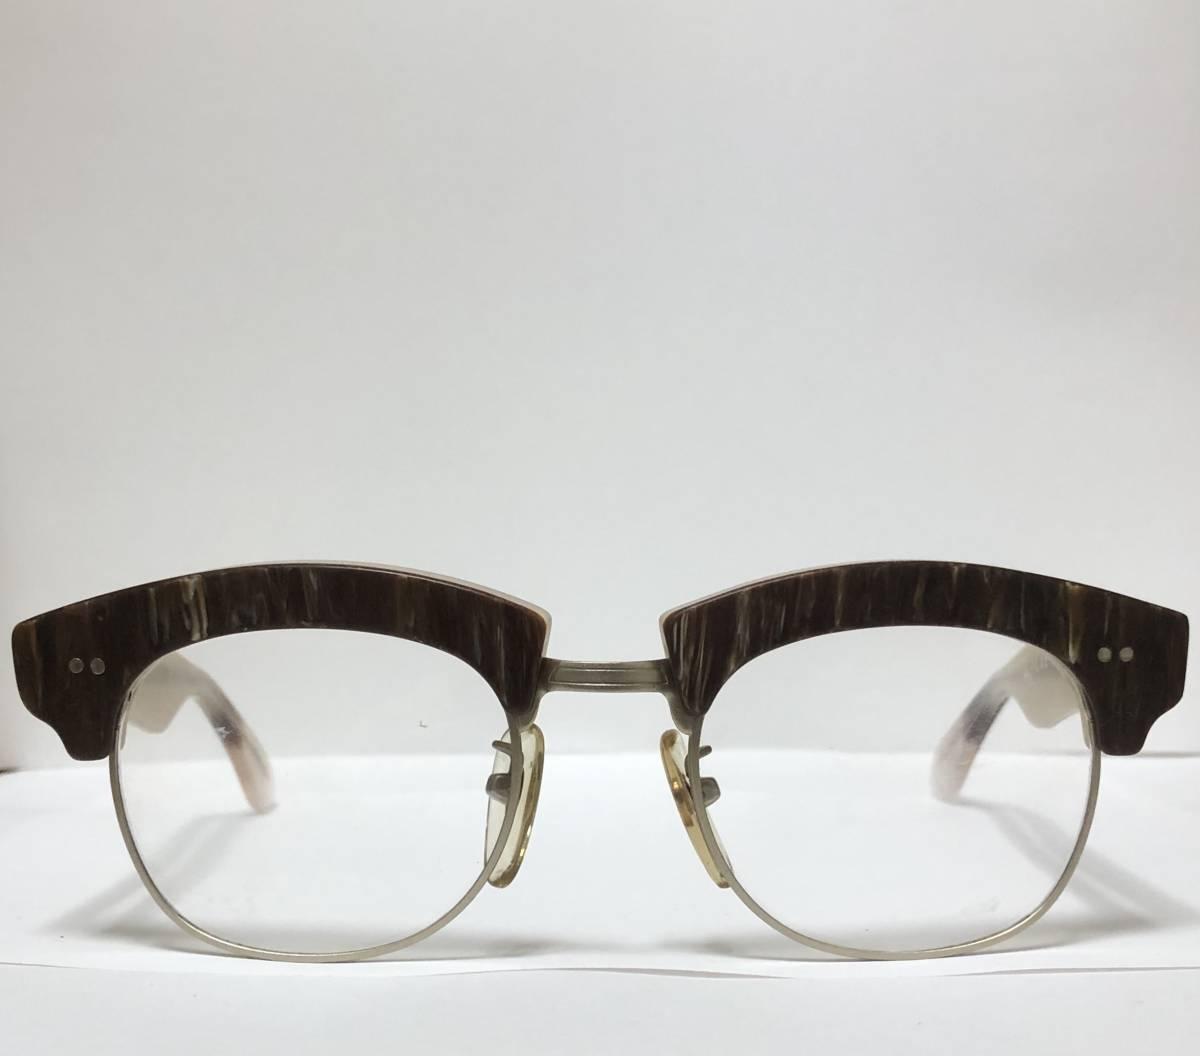 【ビンテージ・新品】1990年代 l.a. Eyeworks イタリア製 高級メガネ エルエーアイワークス ギガンター /ヴィンテージ 米国ブランド_画像1